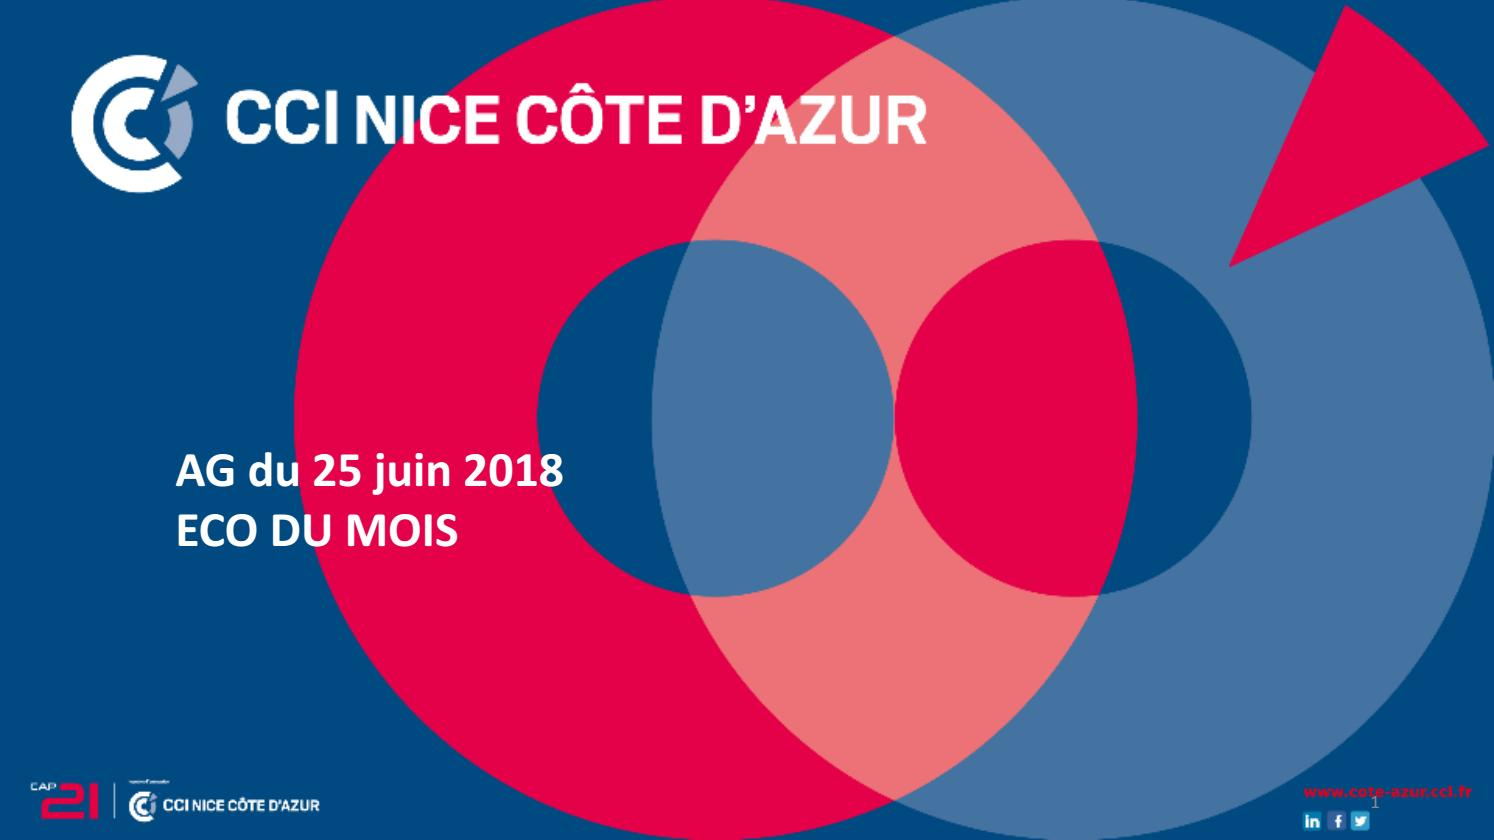 32bf335f91e Assemblée Générale 25 juin 2018 by CCI Nice Côte d Azur - issuu